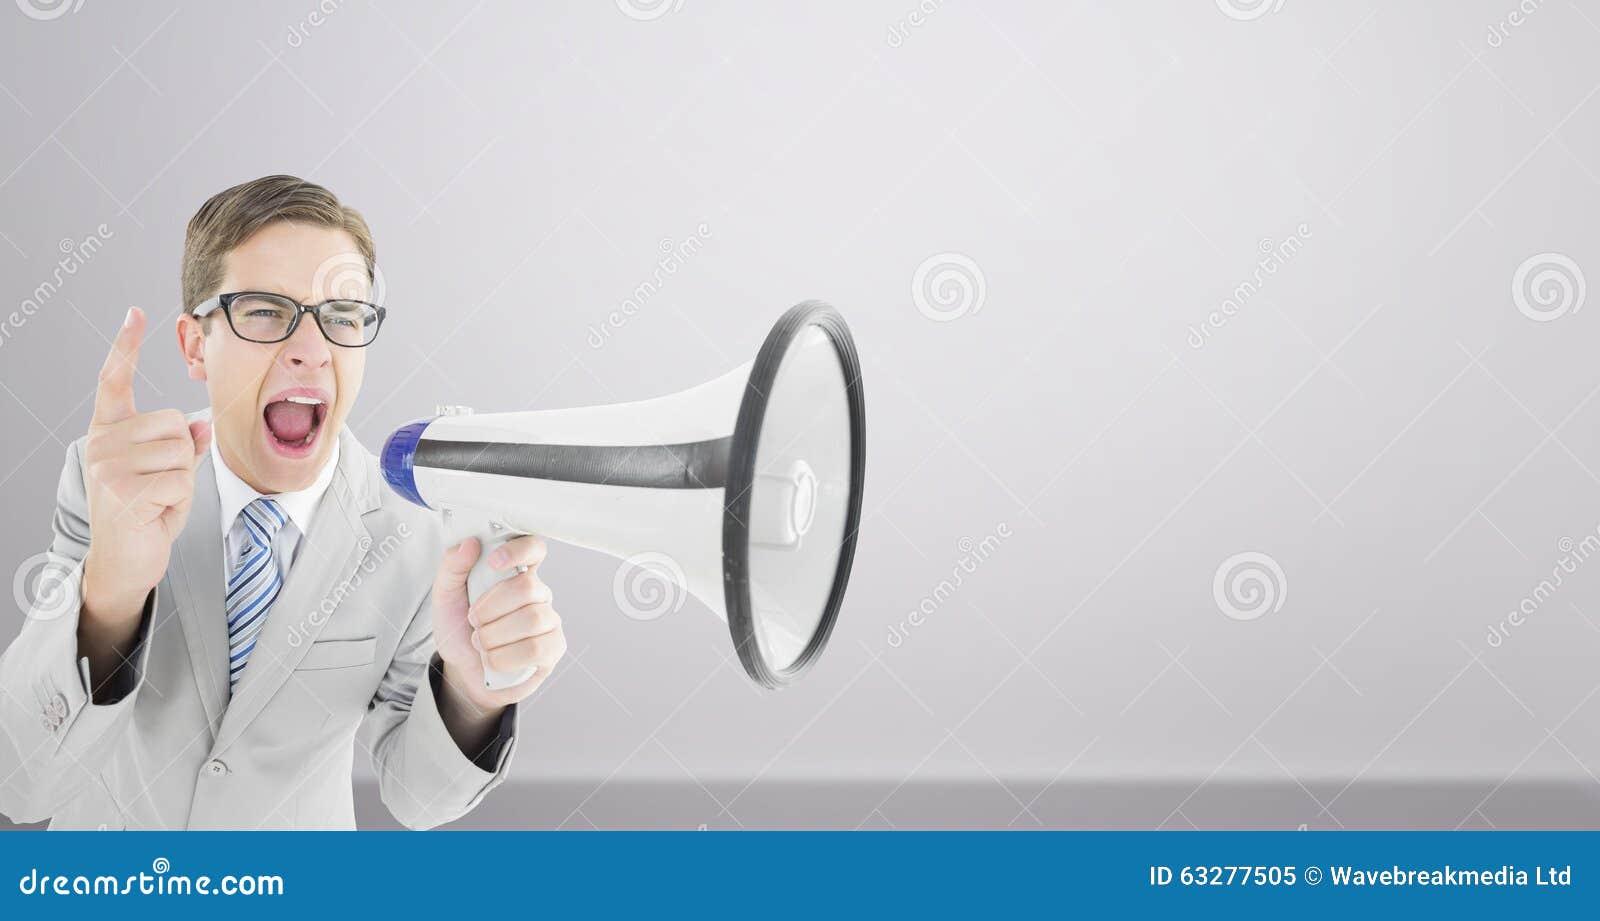 Samengesteld beeld van het geeky zakenman schreeuwen door megafoon stock afbeelding afbeelding - Beeld het meisje van ...